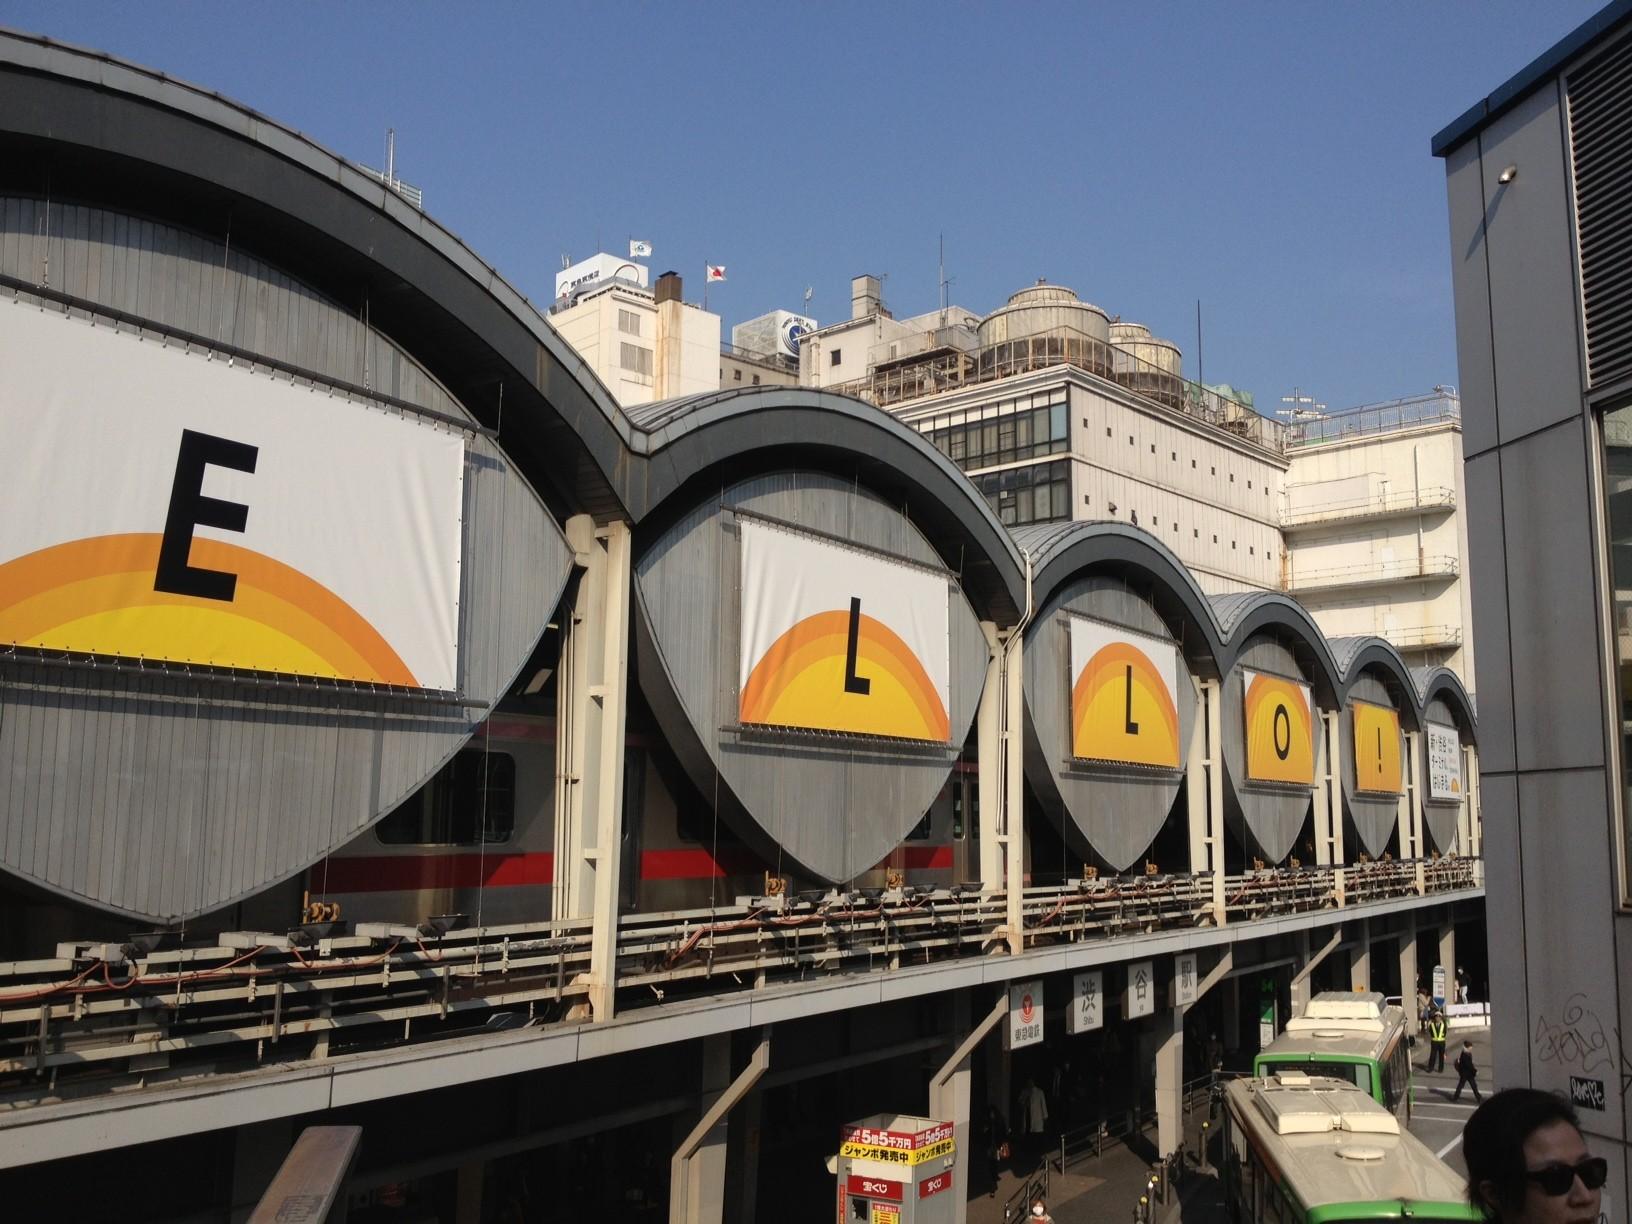 東京五輪開催によるアパート経営への意外な余波。